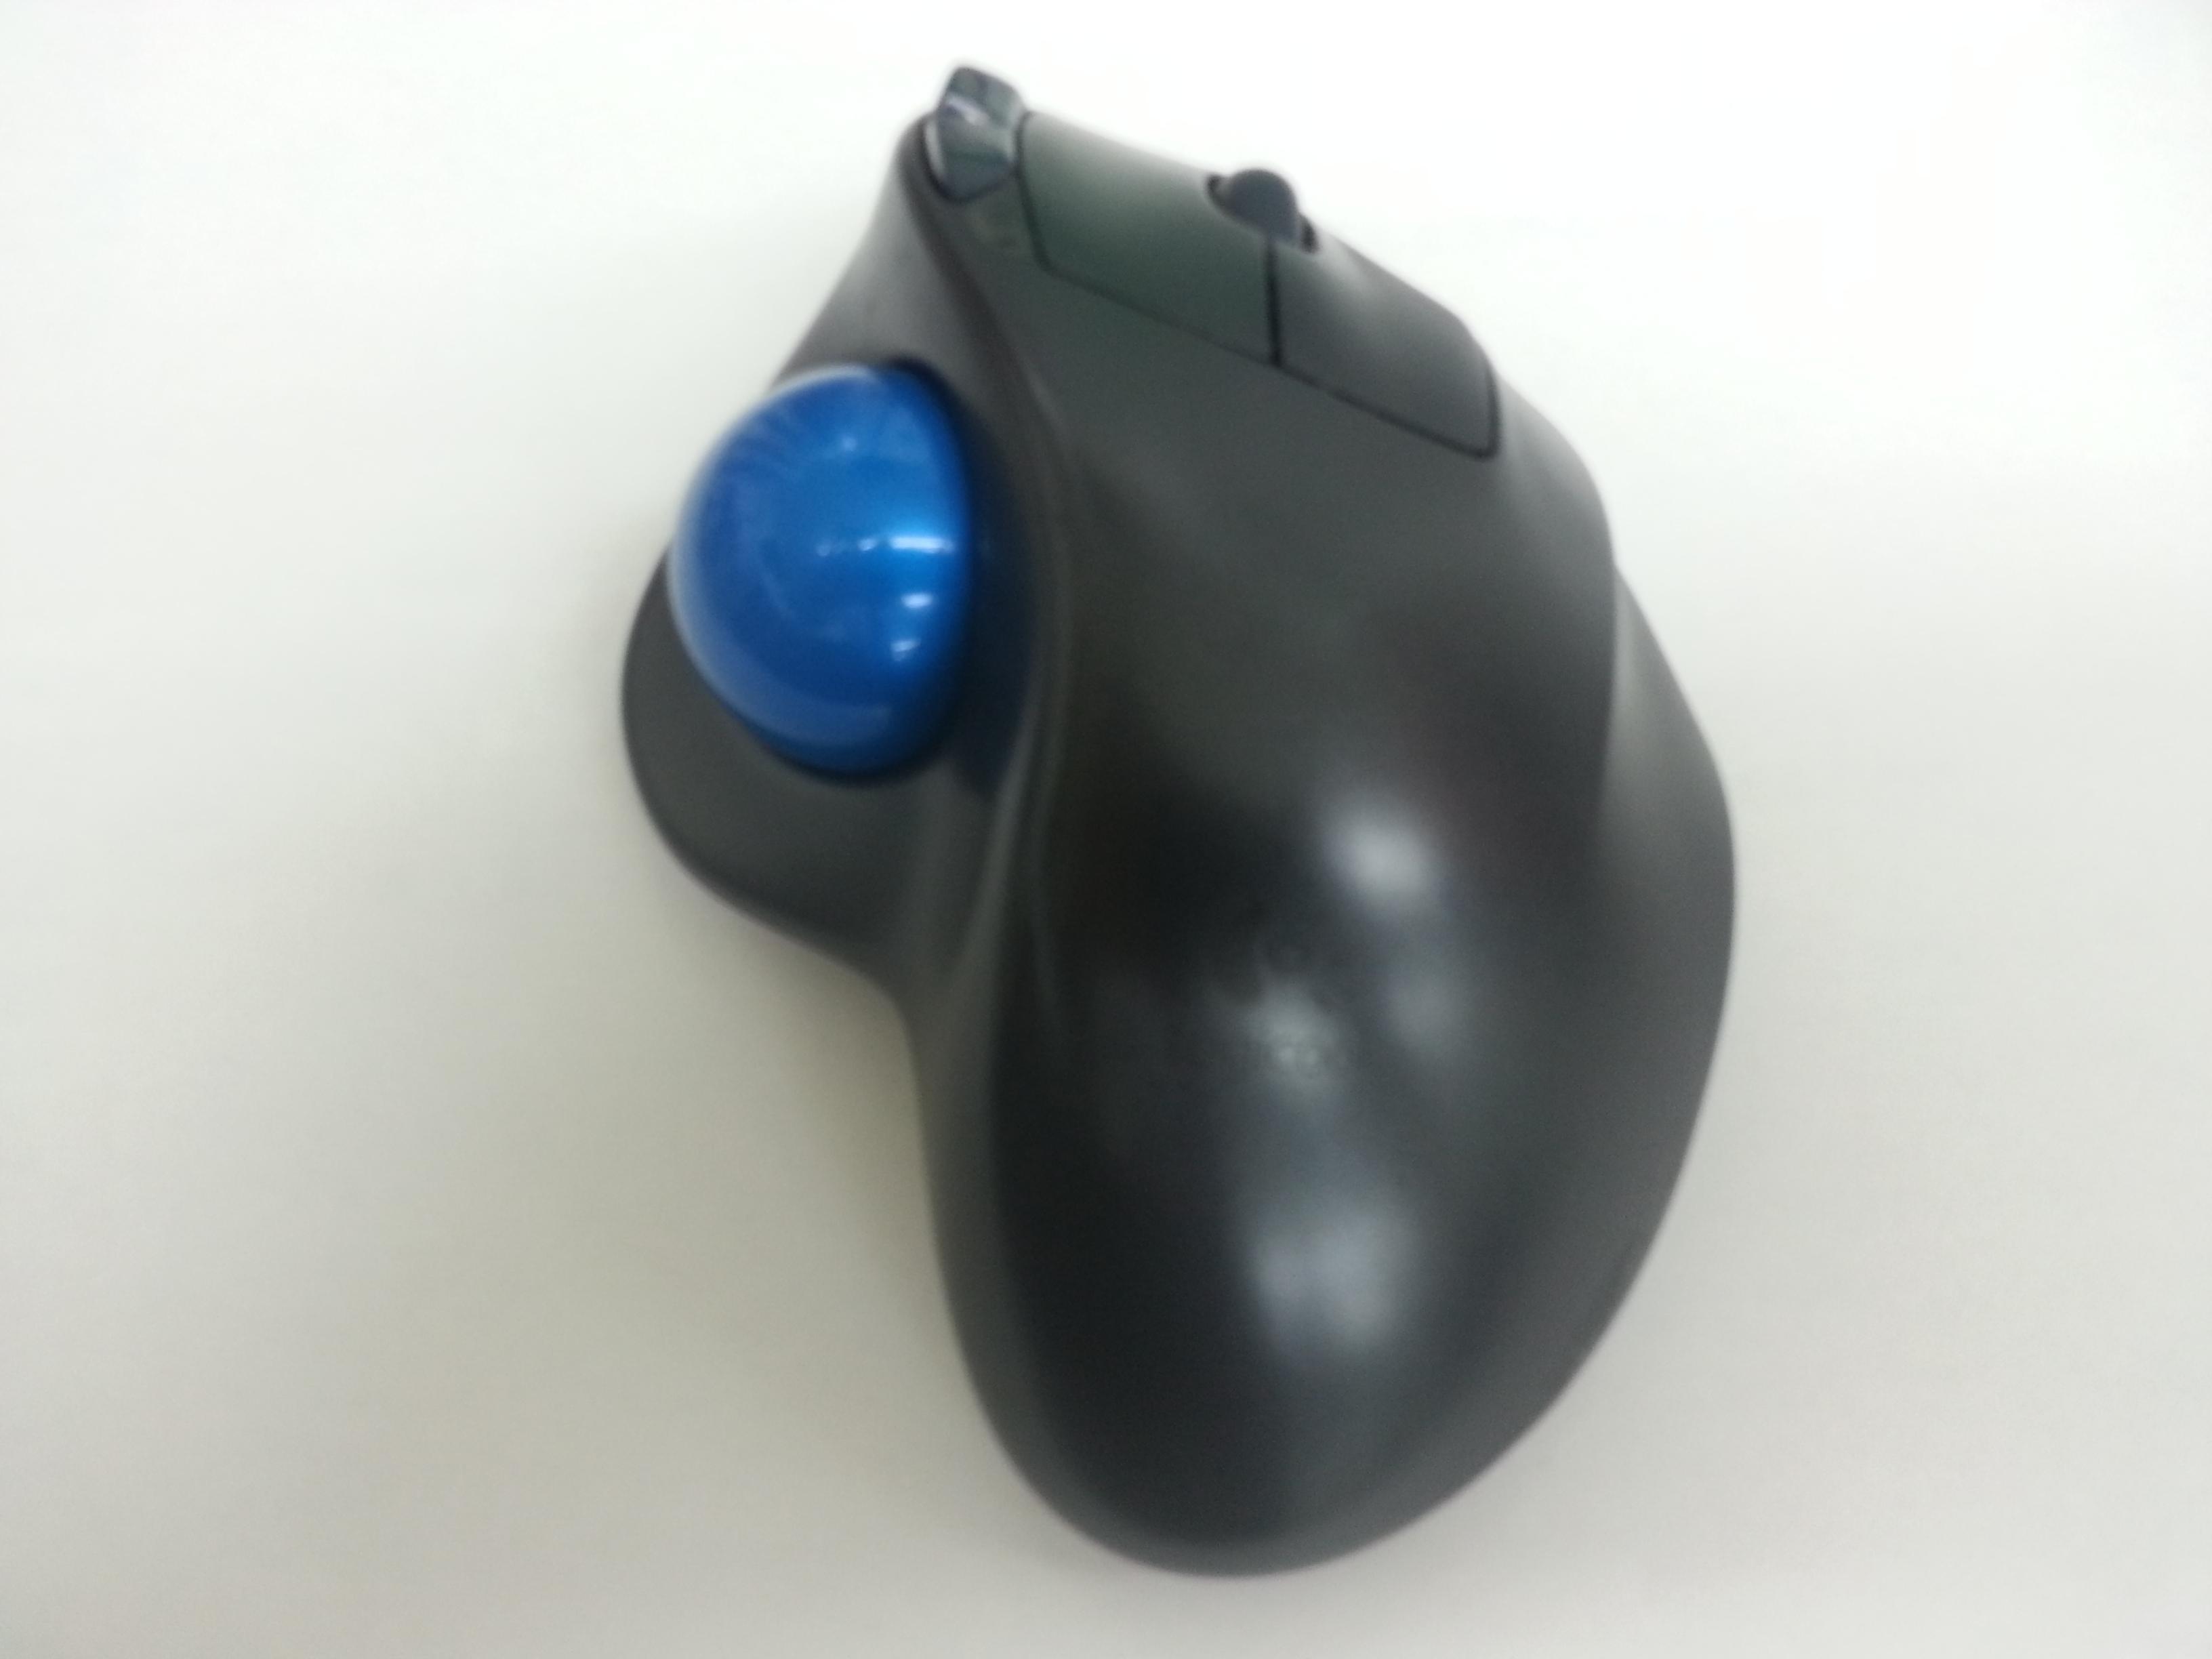 私は4年程前からこのLogicool(ロジクール)のWireless Trackball M570t  というトラックボールマウスを自宅・会社共に愛用しています。